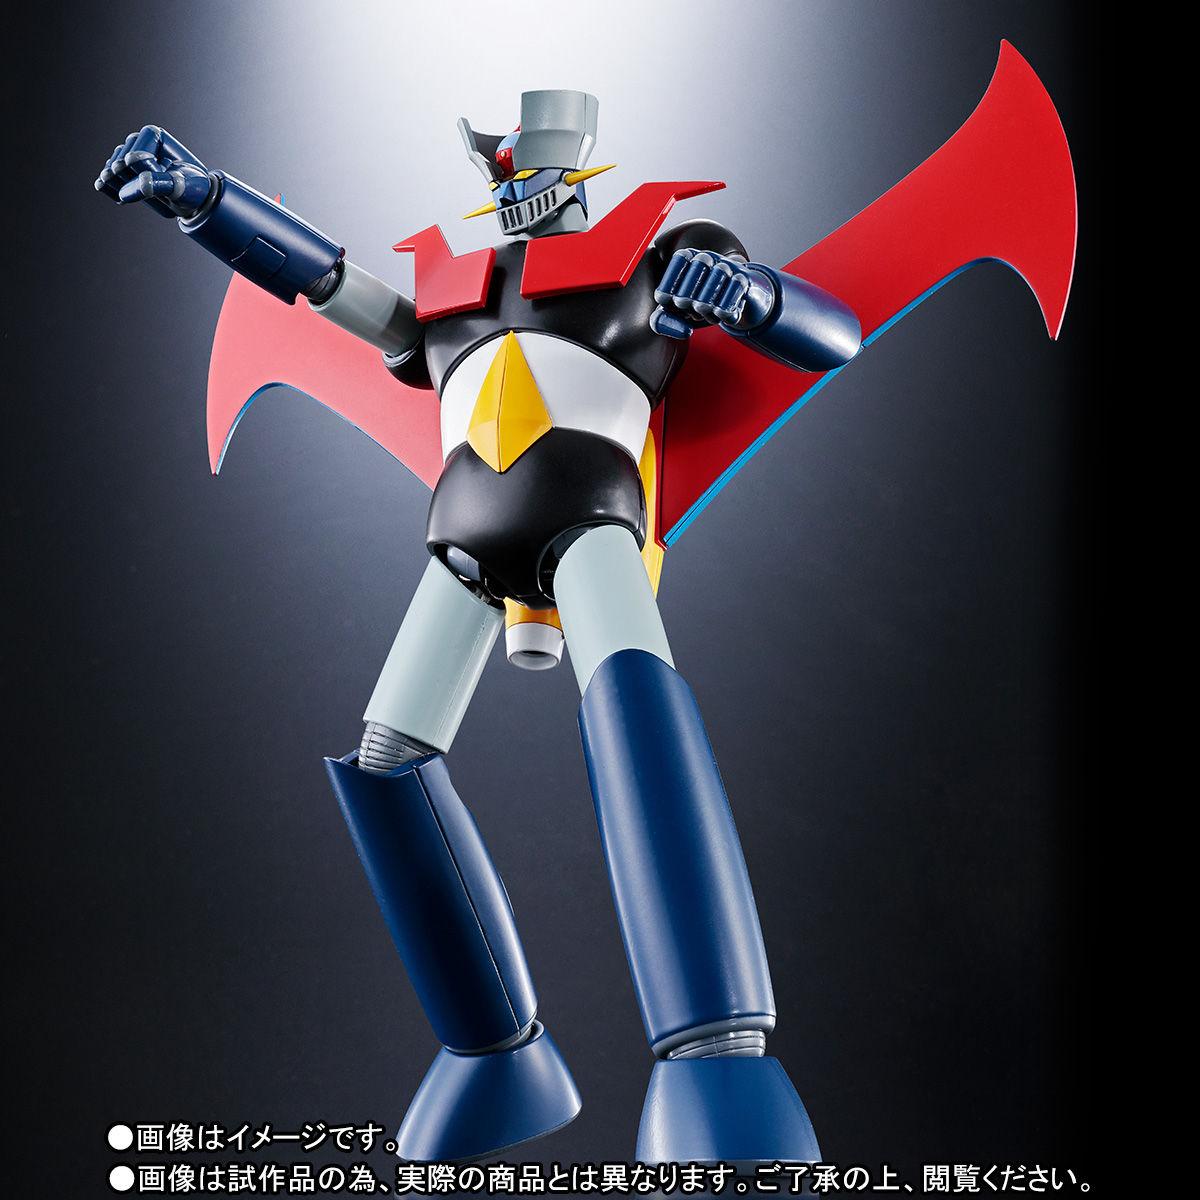 超合金魂 GX-70SP『マジンガーZ D.C. アニメカラーバージョン』可動フィギュア-003